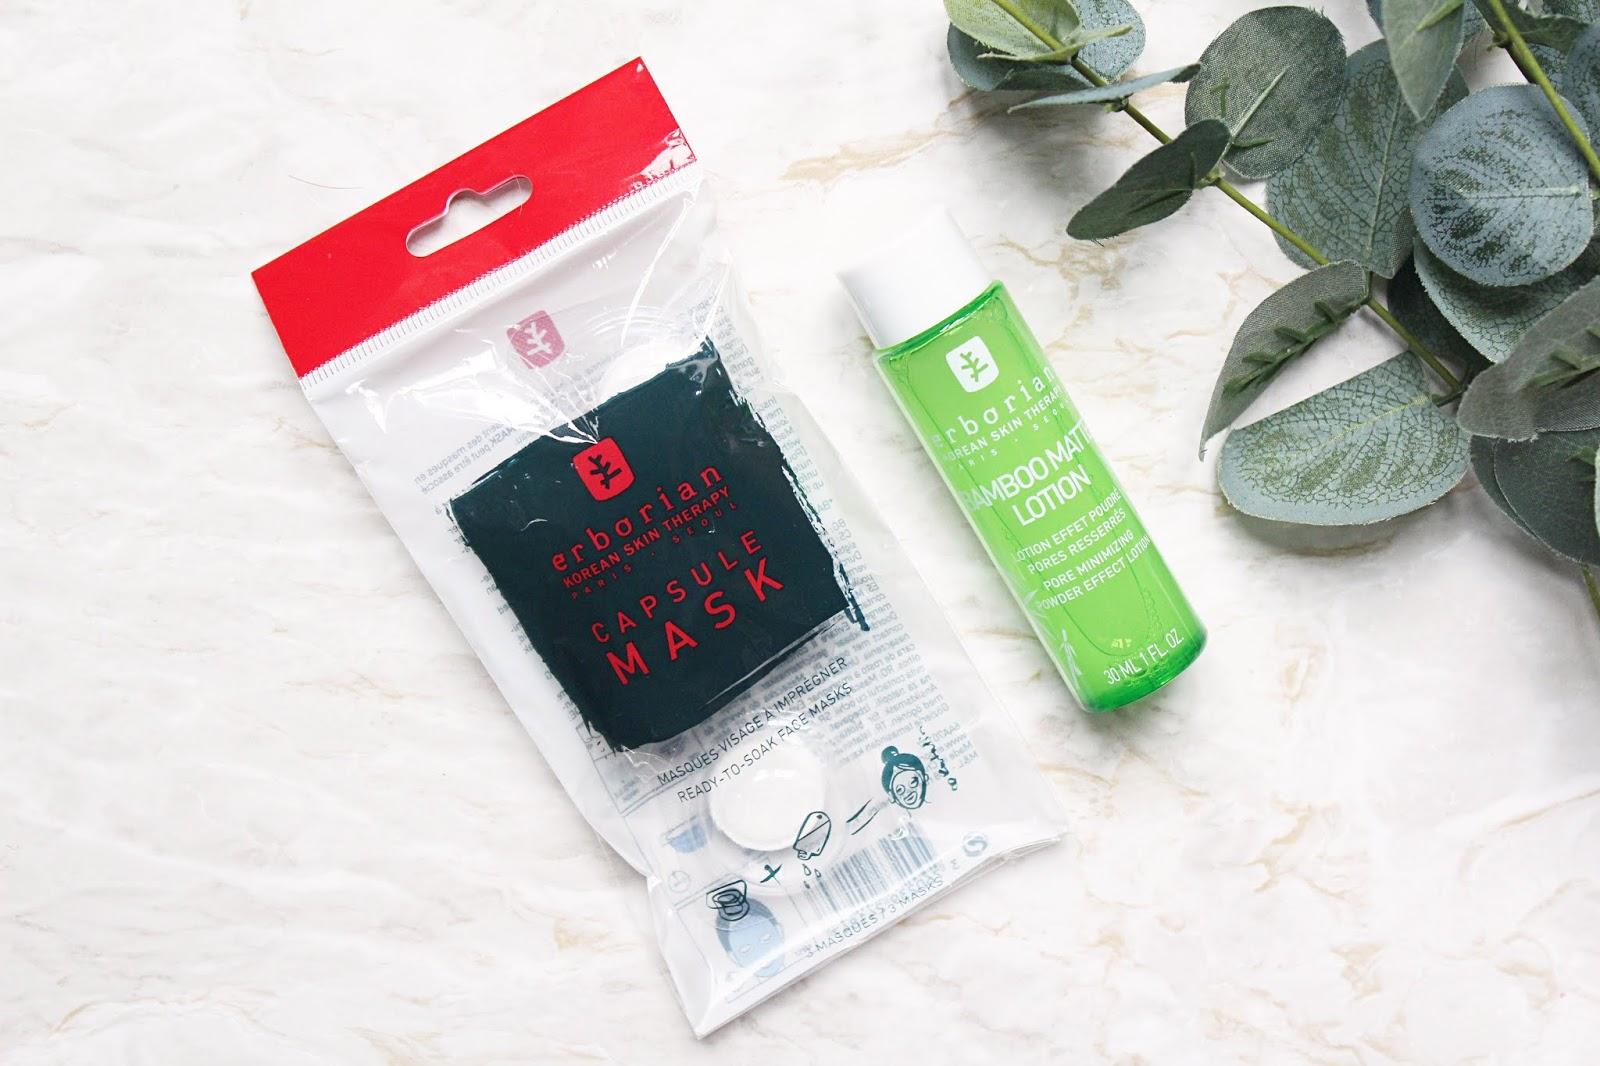 Erborian Capsule Mask & Bamboo Matte Lotion Review